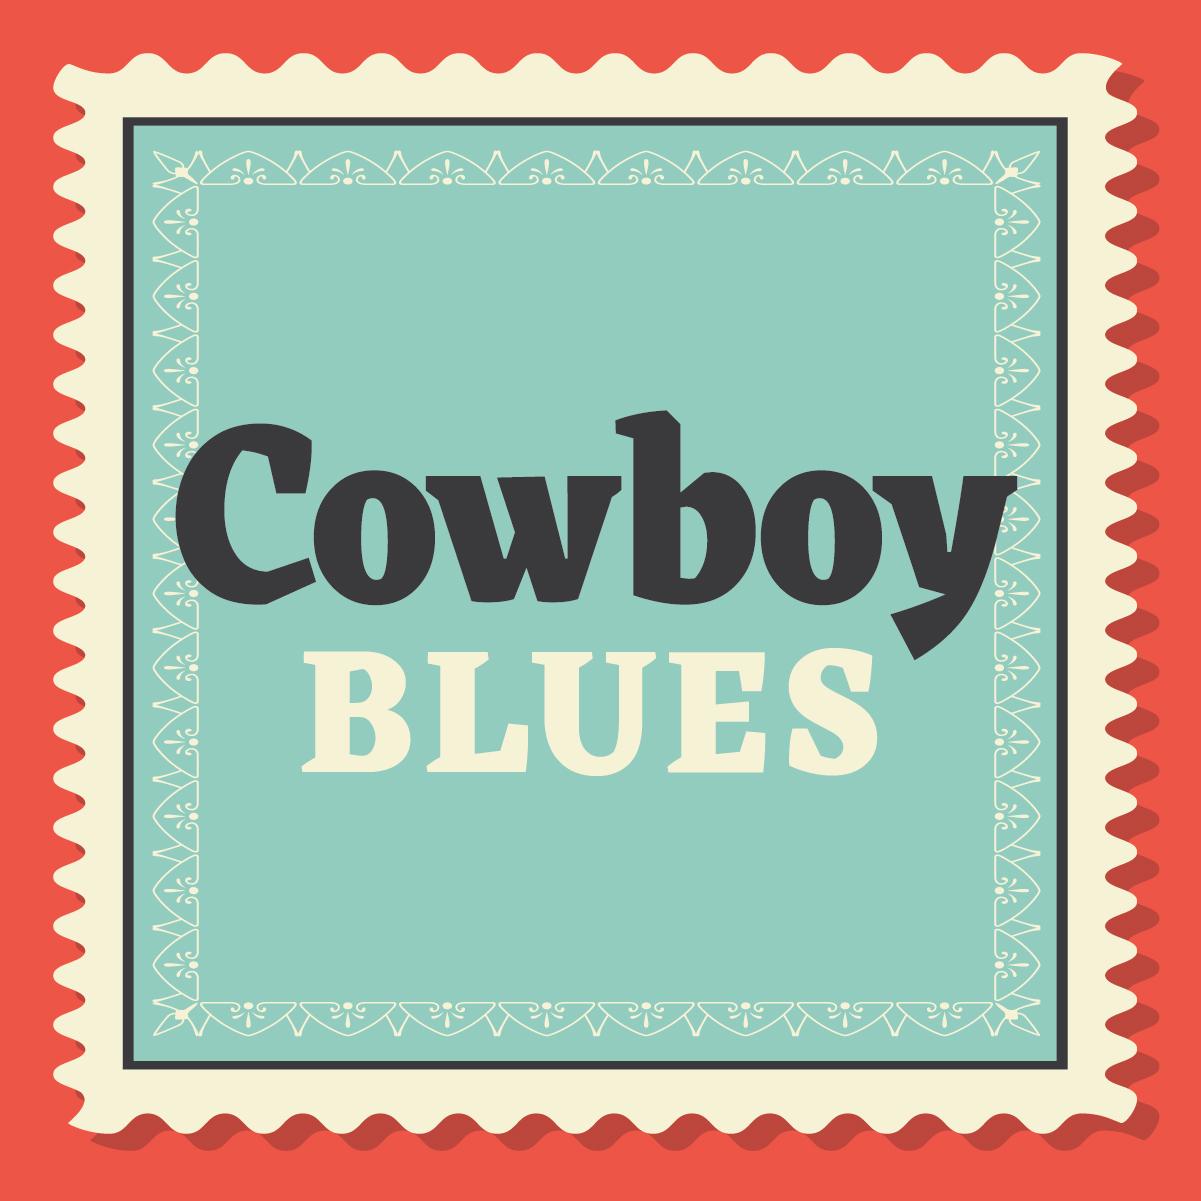 Cowboys Blues